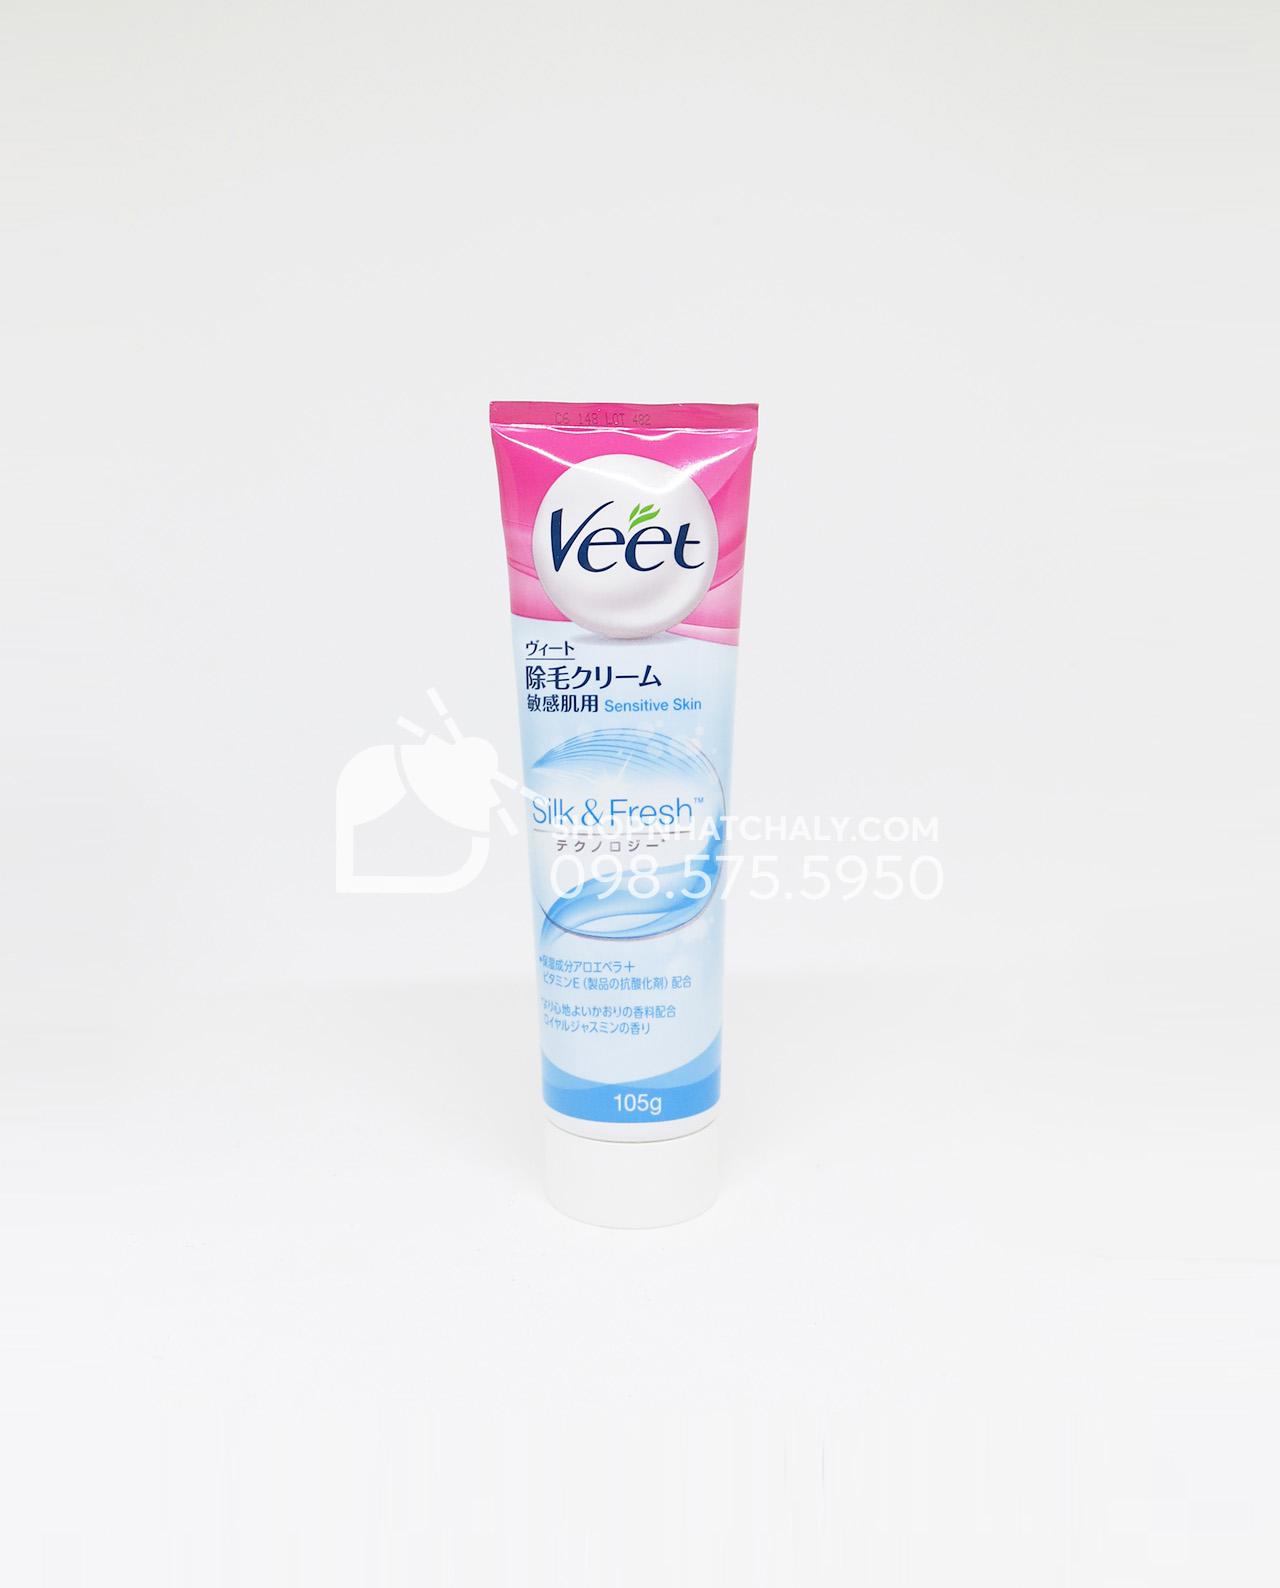 Kem tẩy lông Veet dành cho da nhạy cảm hàng Nhật nội địa chính hãng